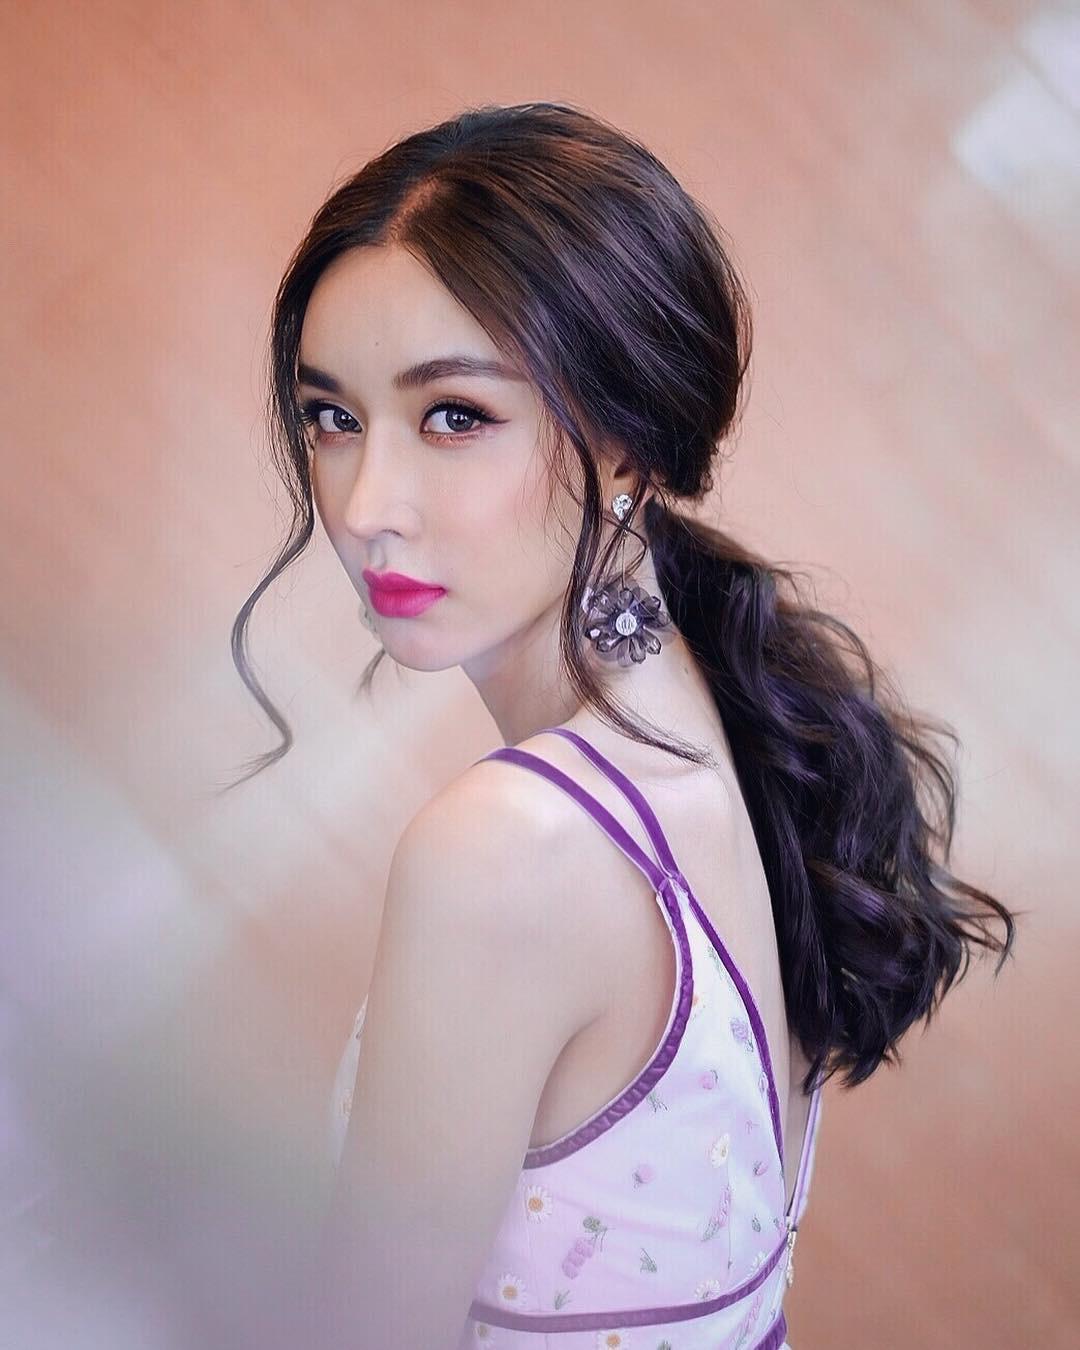 Soi mặt mộc của dàn mỹ nhân chuyển giới hot nhất Thái Lan: Nong Poy quá đỉnh, Yoshi đẹp tựa thiên thần đời thực - Ảnh 29